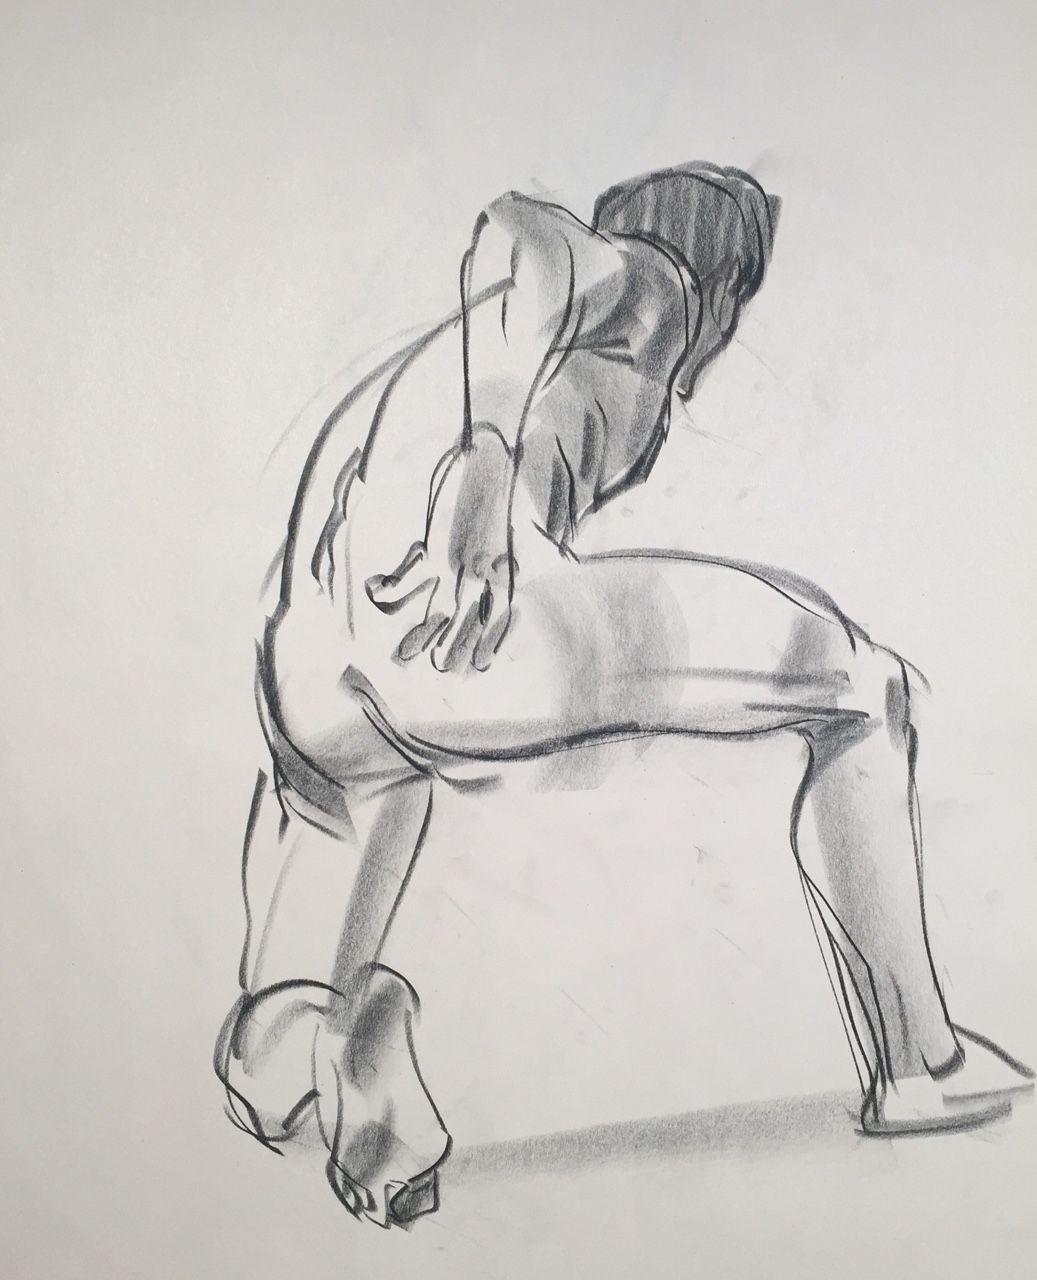 Grizandnorm 이미지 포함 피규어 드로잉 인물 스케치 포즈 그리기